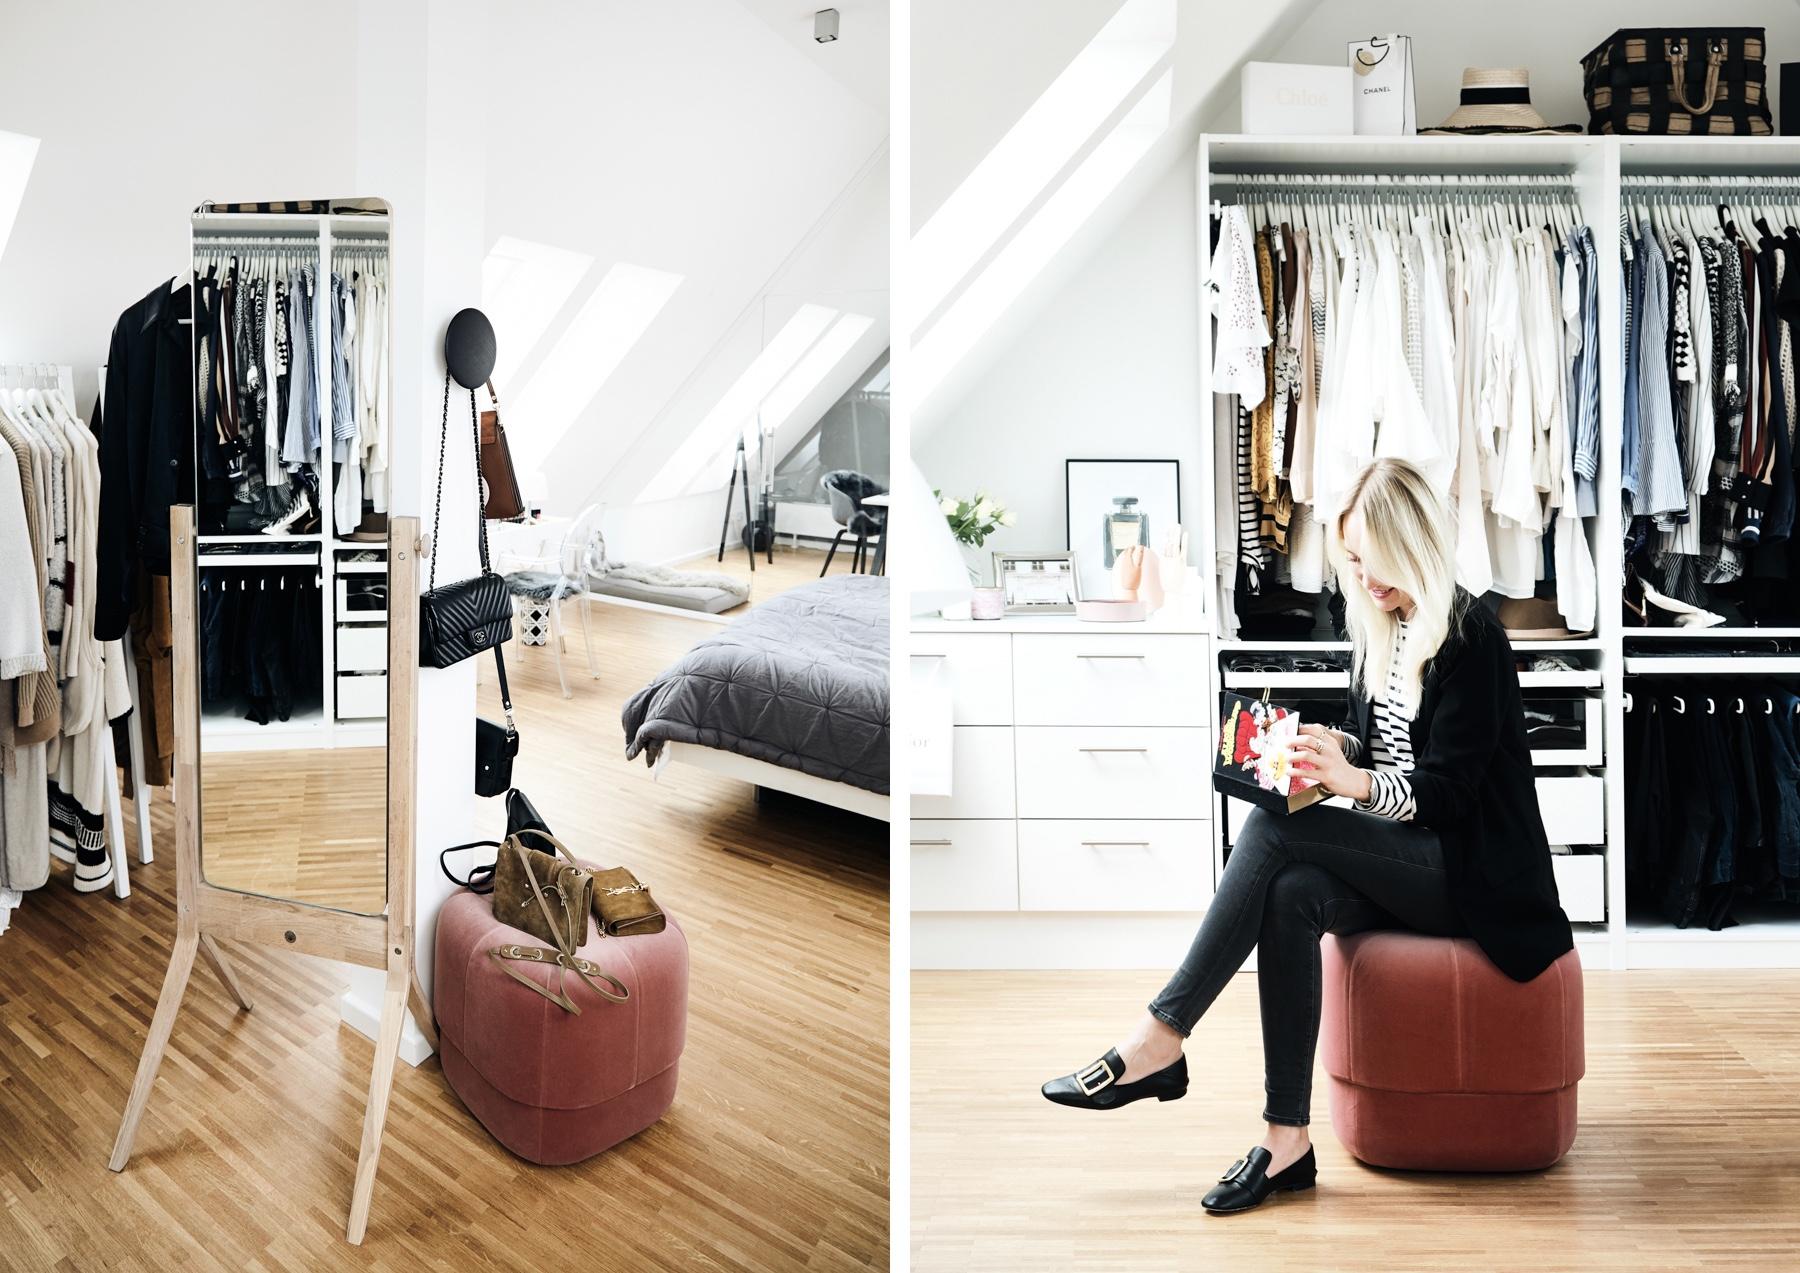 Style-Shiver-Interior-Inspiration-Wohnen-Die-Neue-Maisonette-Wohnung-59